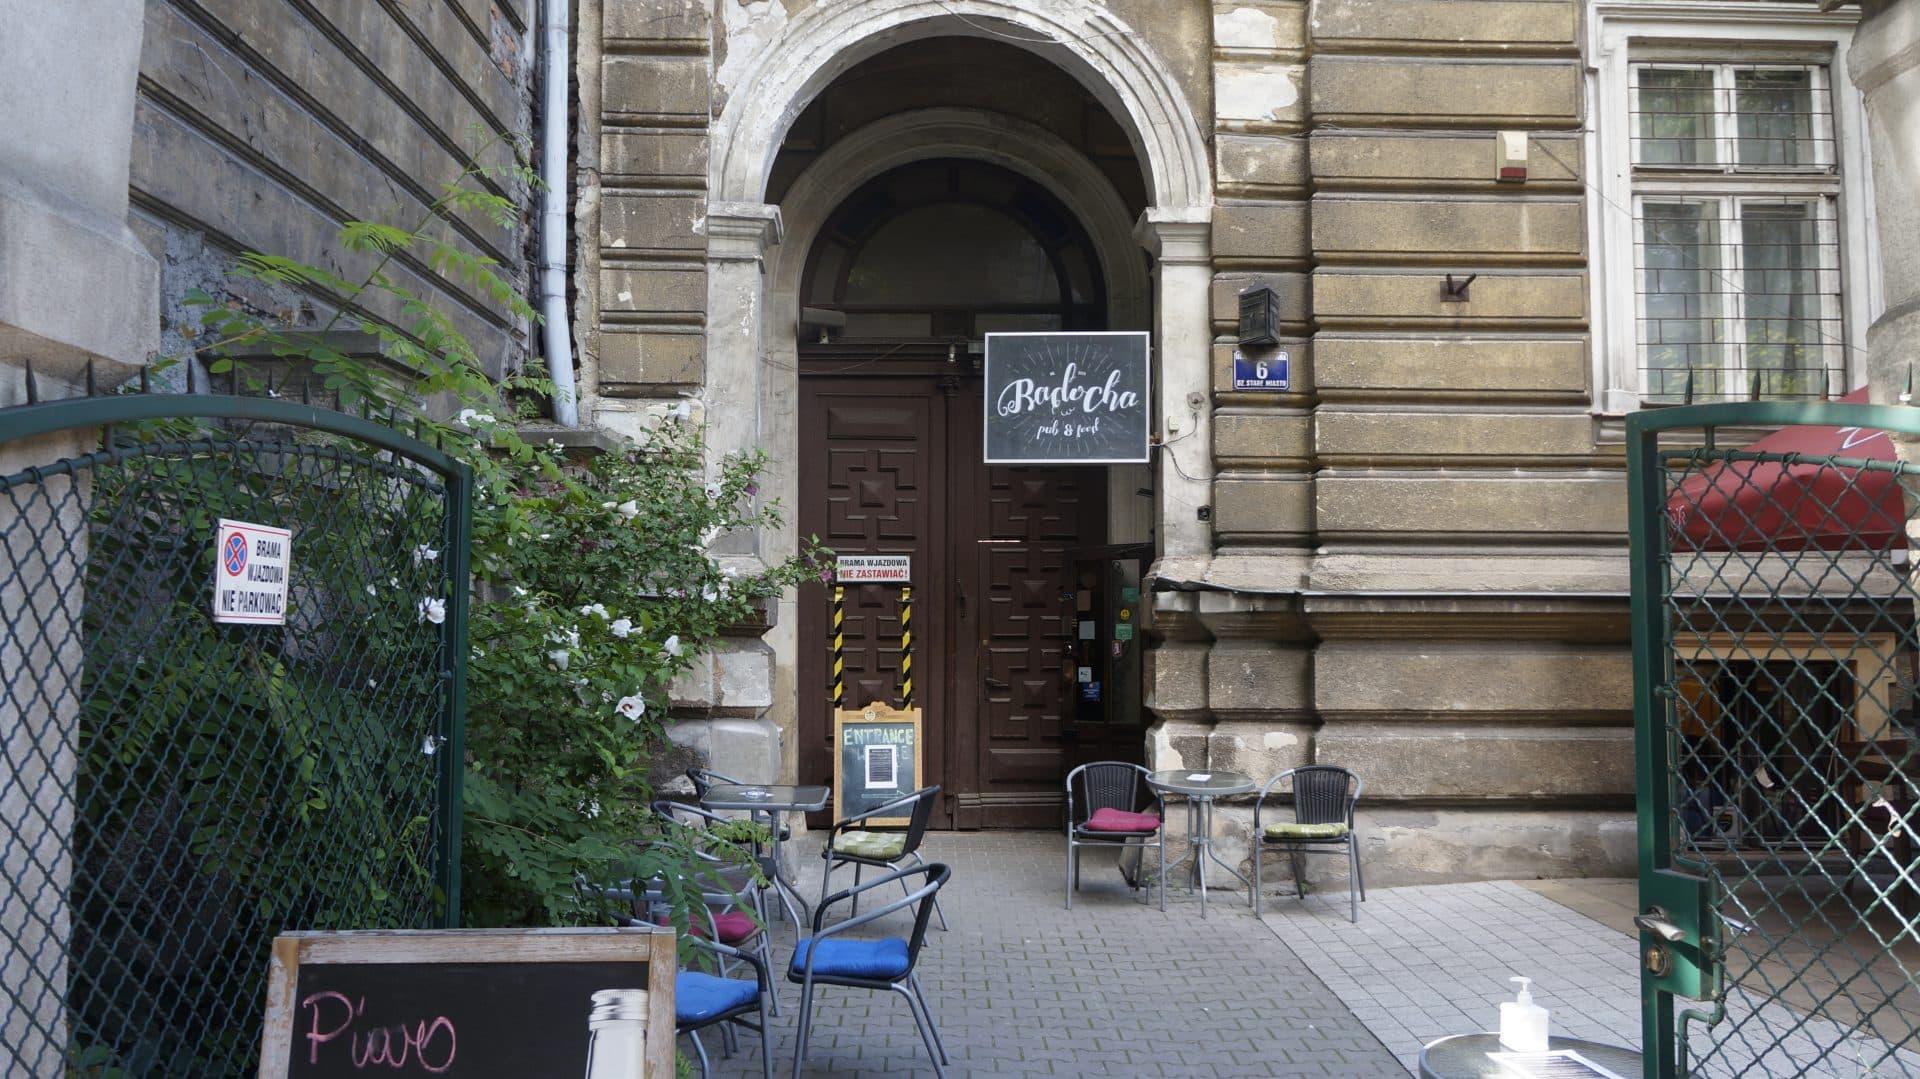 """Laboratorium, a później także mieszkanie, miał przy ulicy Sebastiana 6. Dziś mieści się tam fajny lokal """"Radocha"""". Trudno znaleźć jakikolwiek ślad pamięci o Weiglu."""